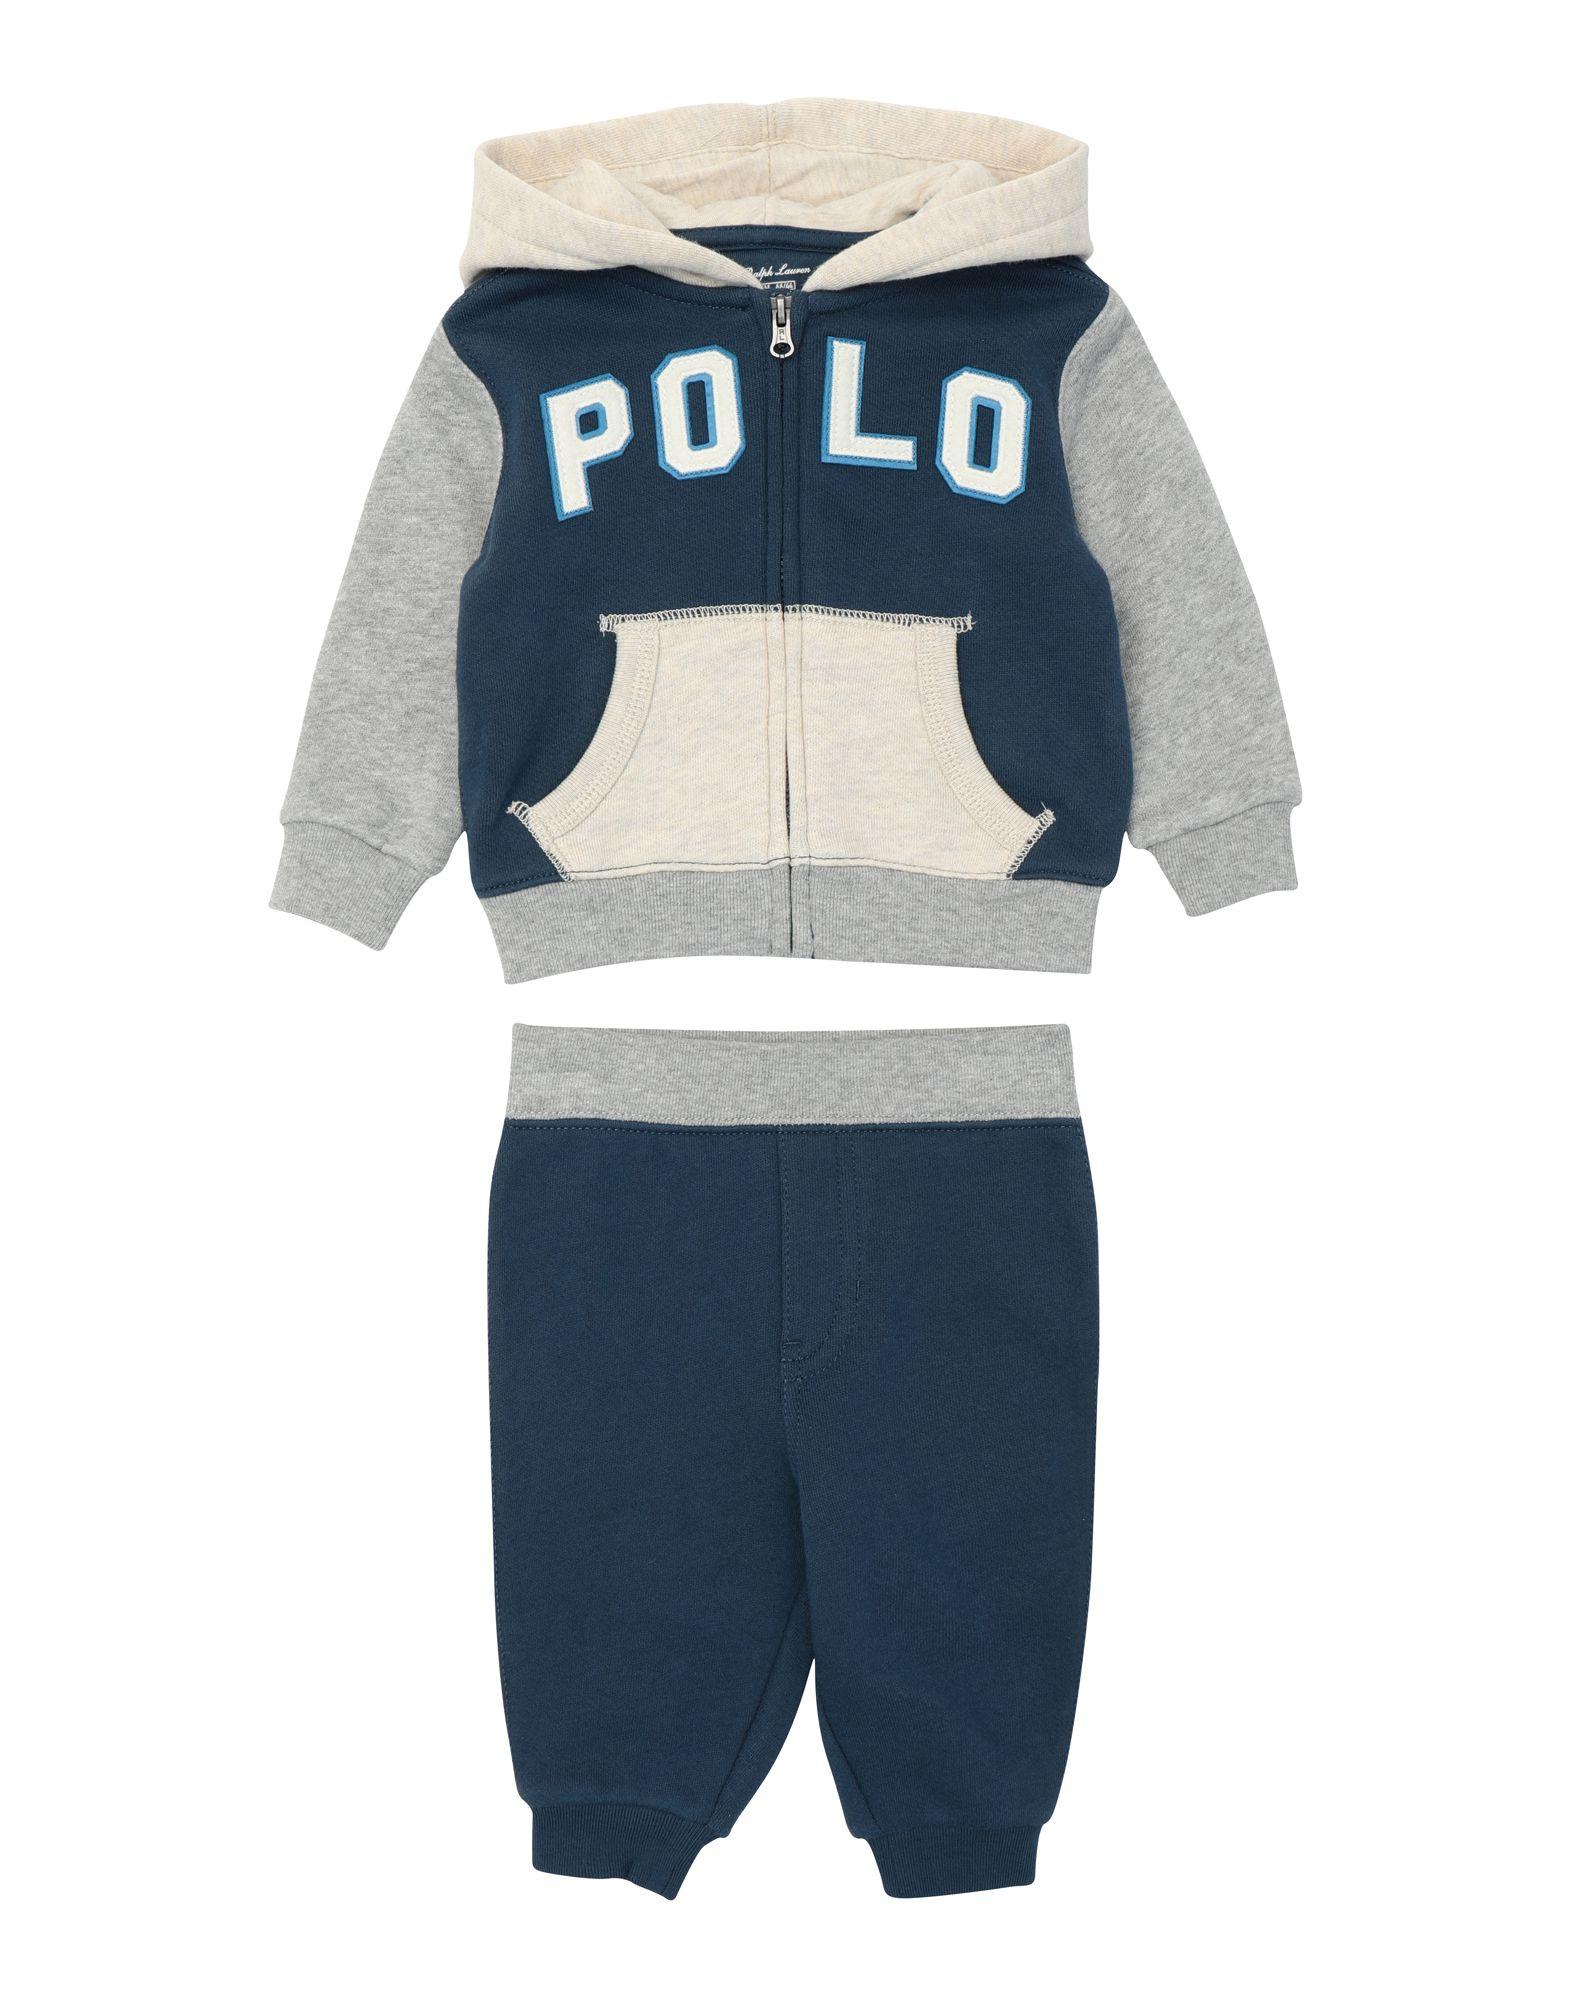 Gigoteuses Bodies Et Vêtements Garçon Ralph Lauren 0-24 mois - Vêtements  enfants sur YOOX 03ff61ee1fa